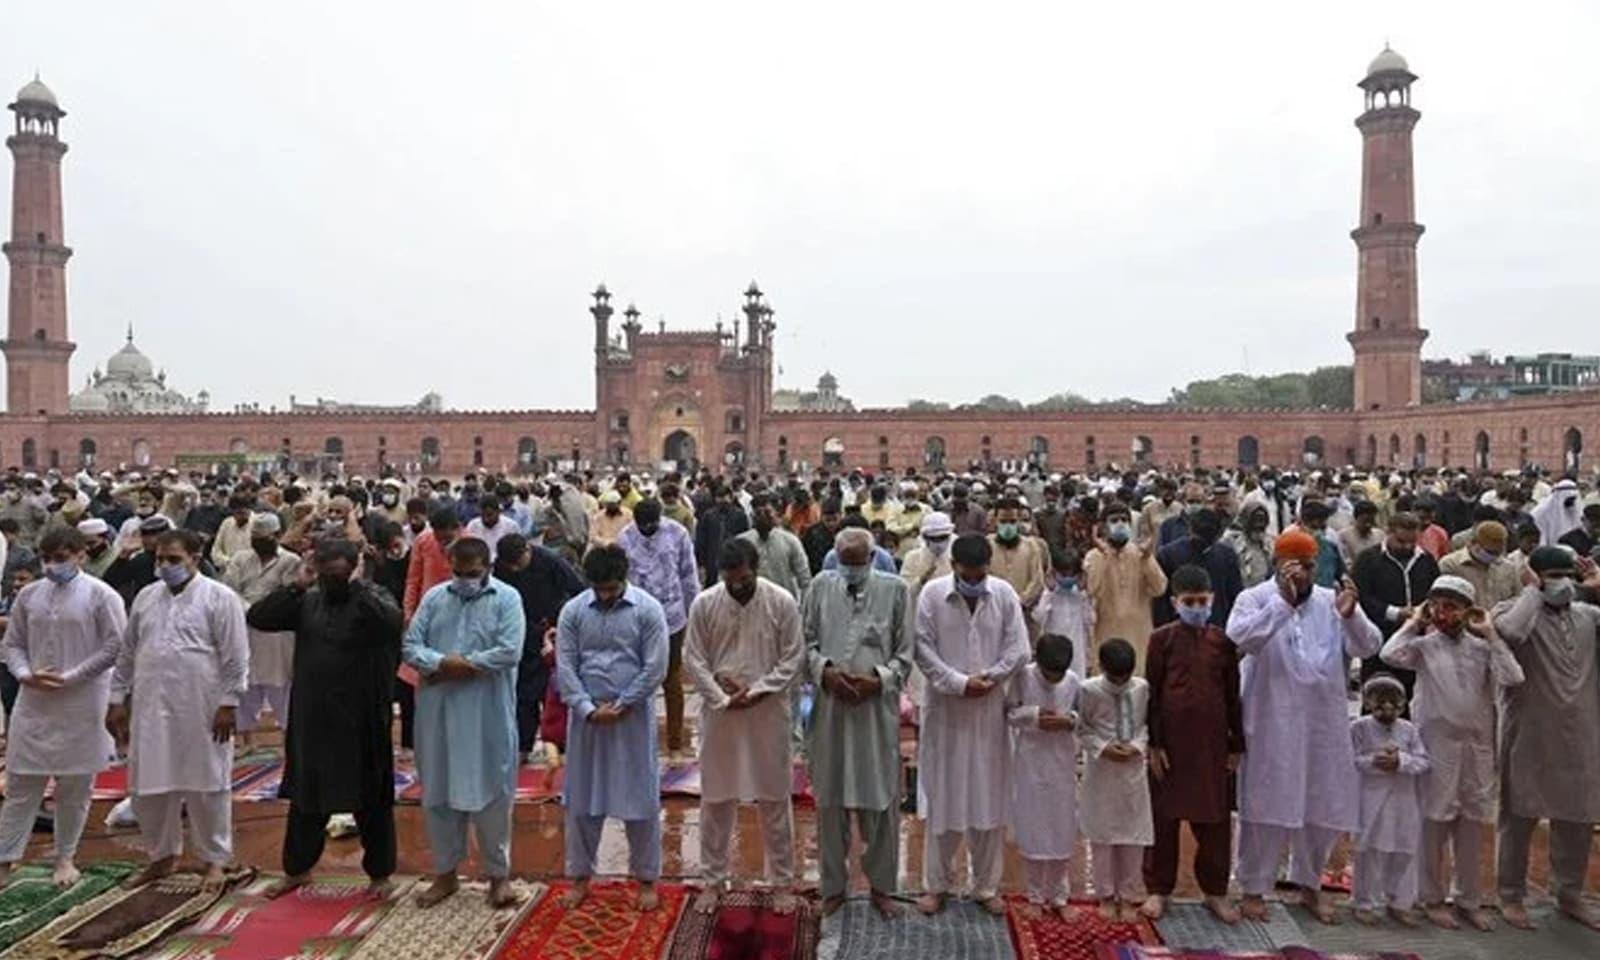 بادشاہی مسجد لاہور میں بھی عوام نے عید کی نماز ادا کی —فوٹو: اے پی